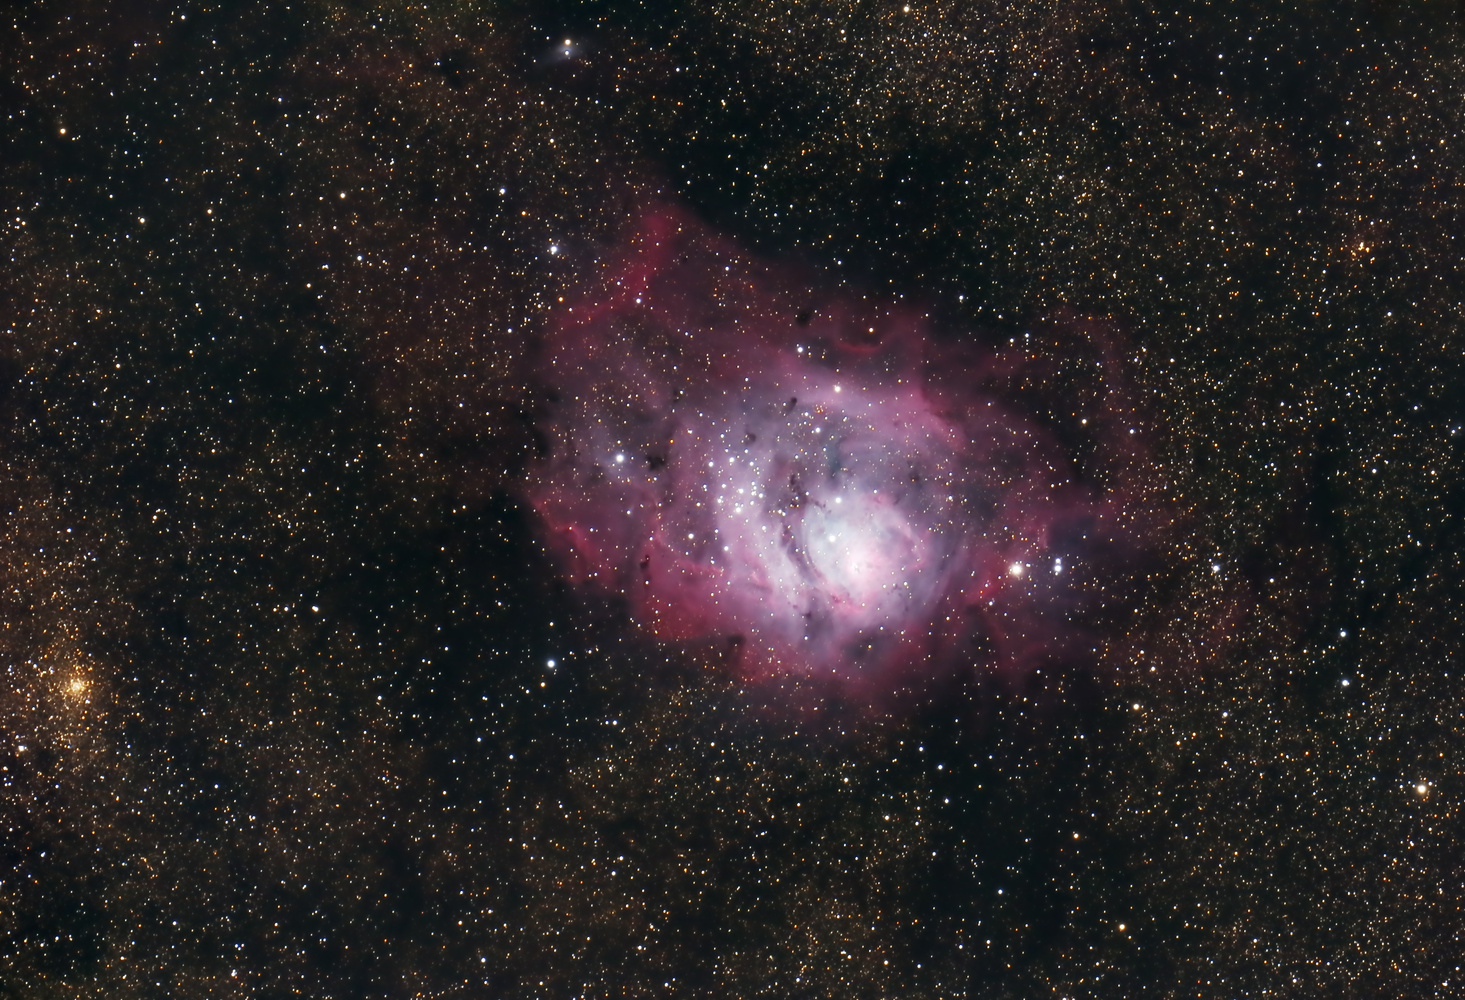 Lagoon Nebula by Braden Henricksen